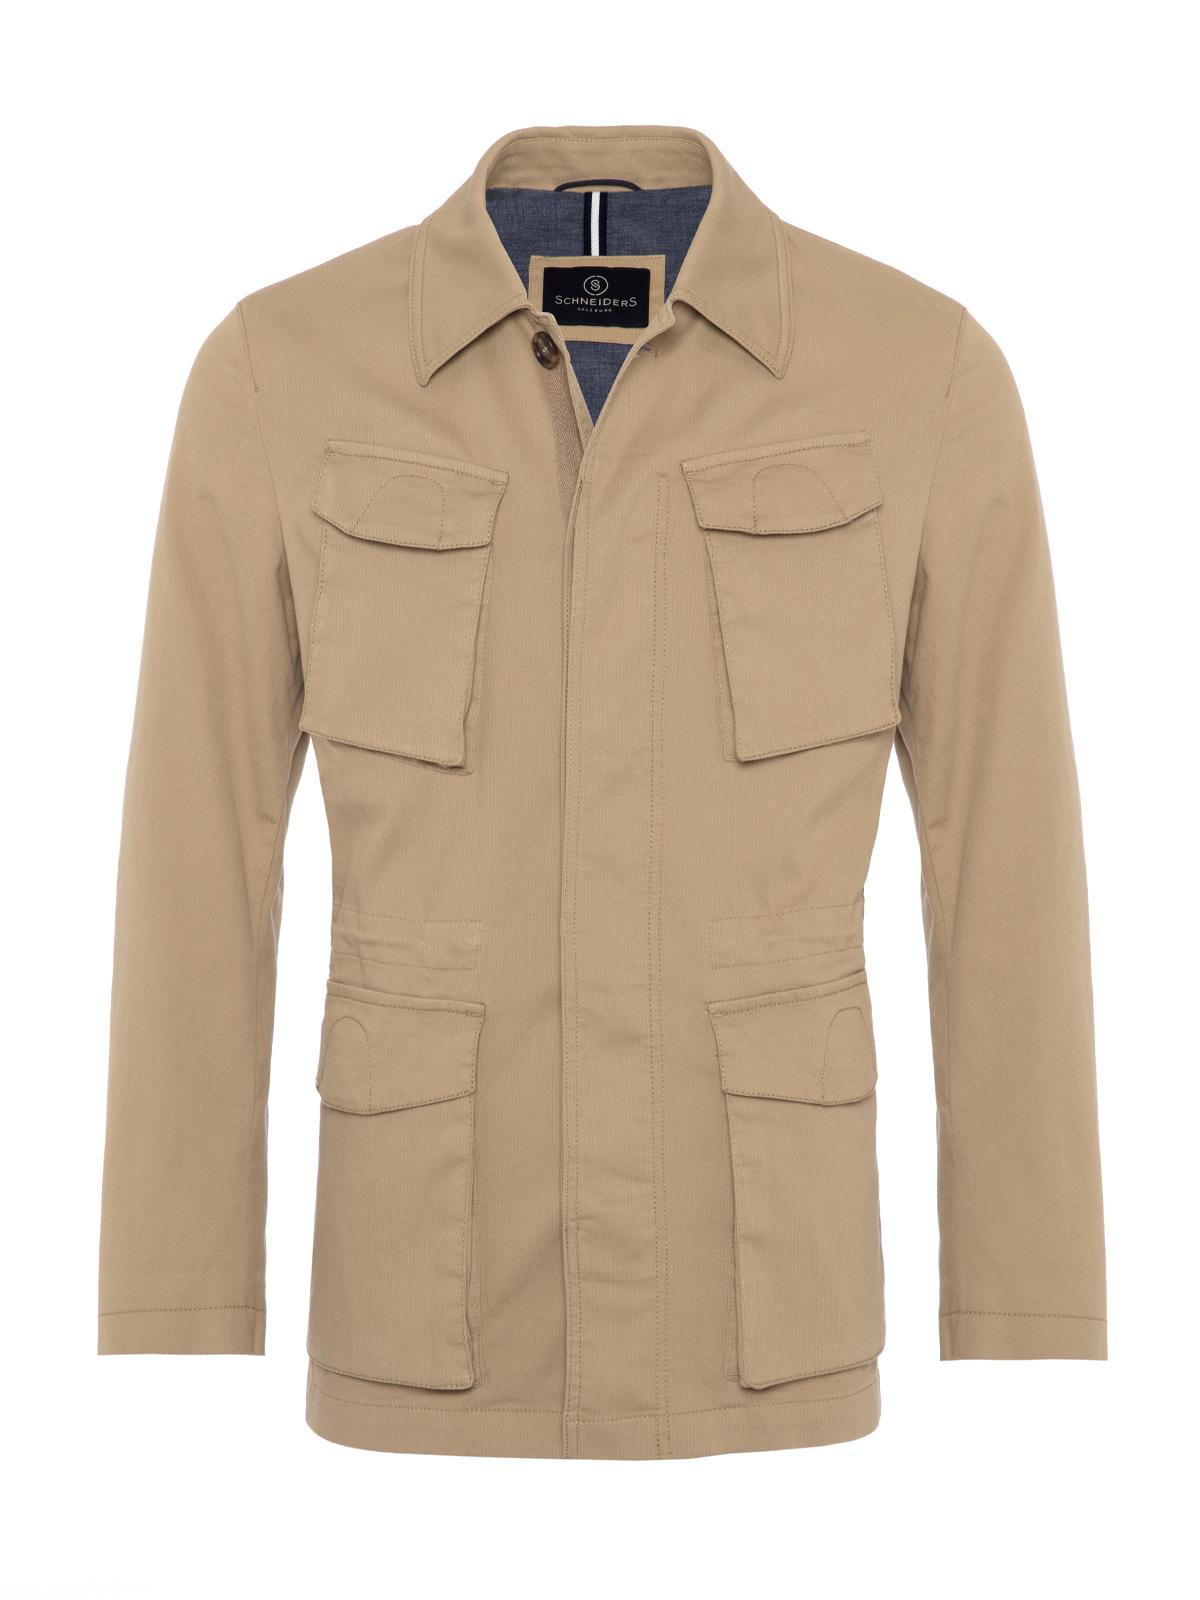 Schneiders - Schneiders Beige Micro weaved Washed Field Jacket